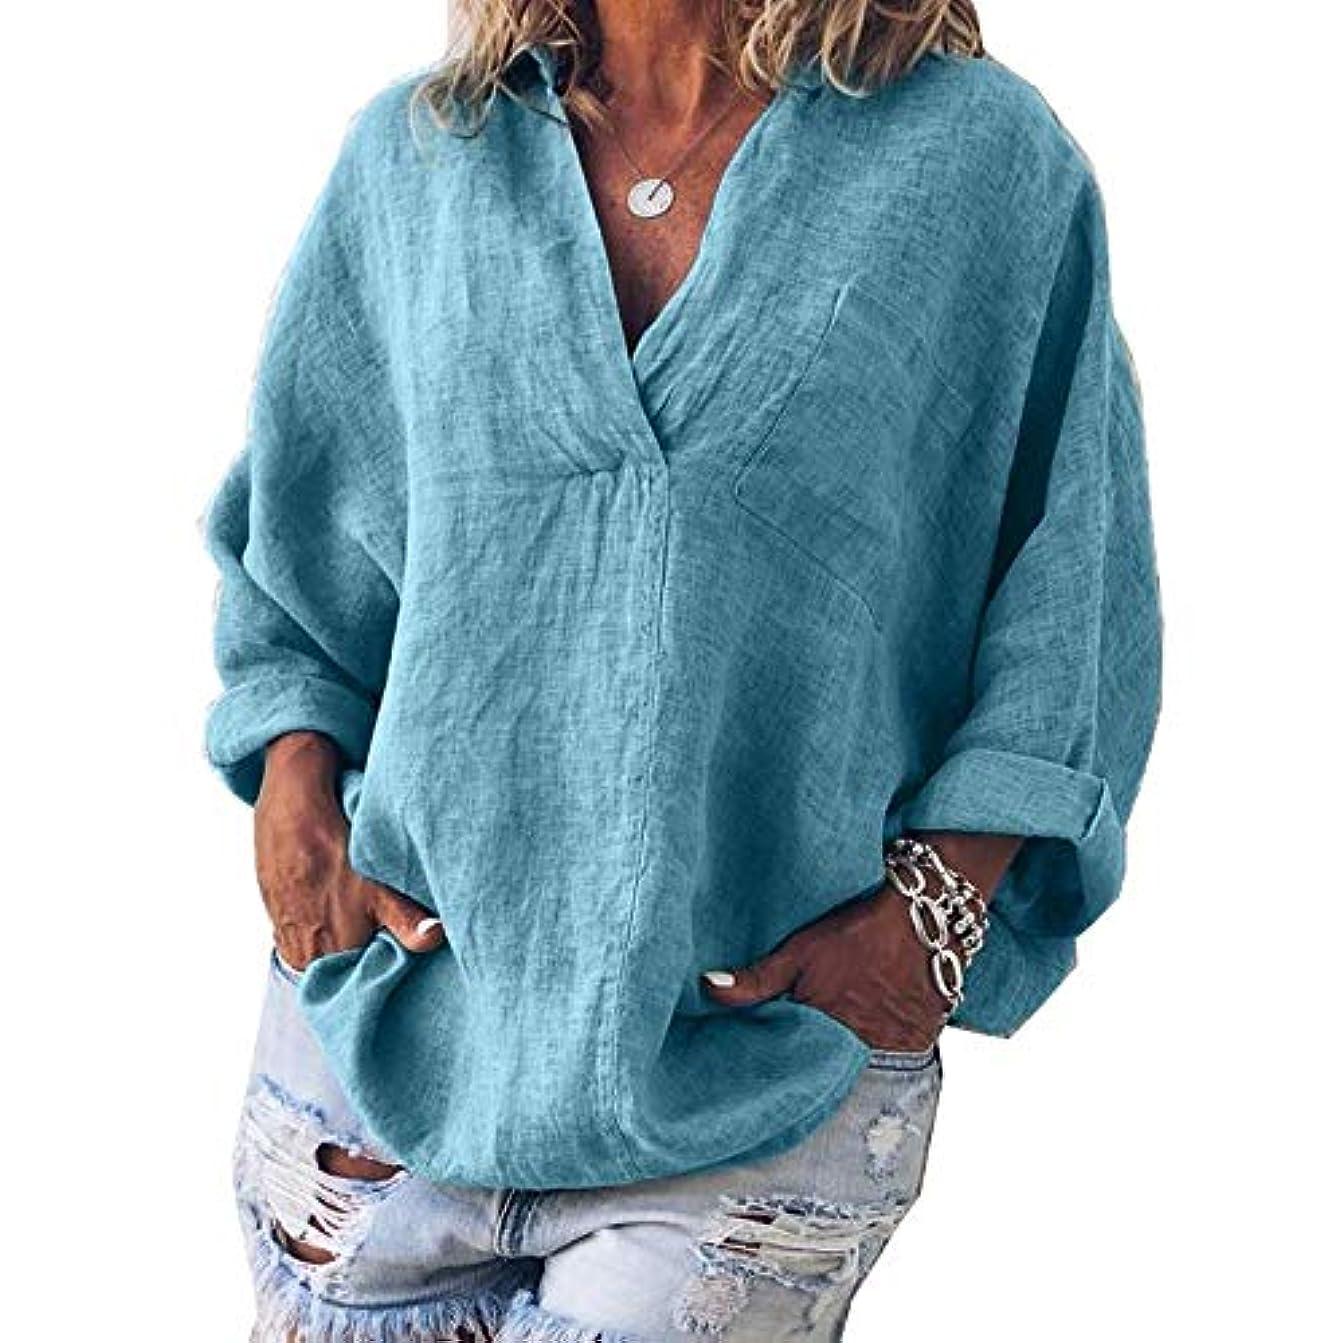 切り下げキャッシュ行列MIFAN女性ファッション春夏チュニックトップス深いVネックTシャツ長袖プルオーバールーズリネンブラウス